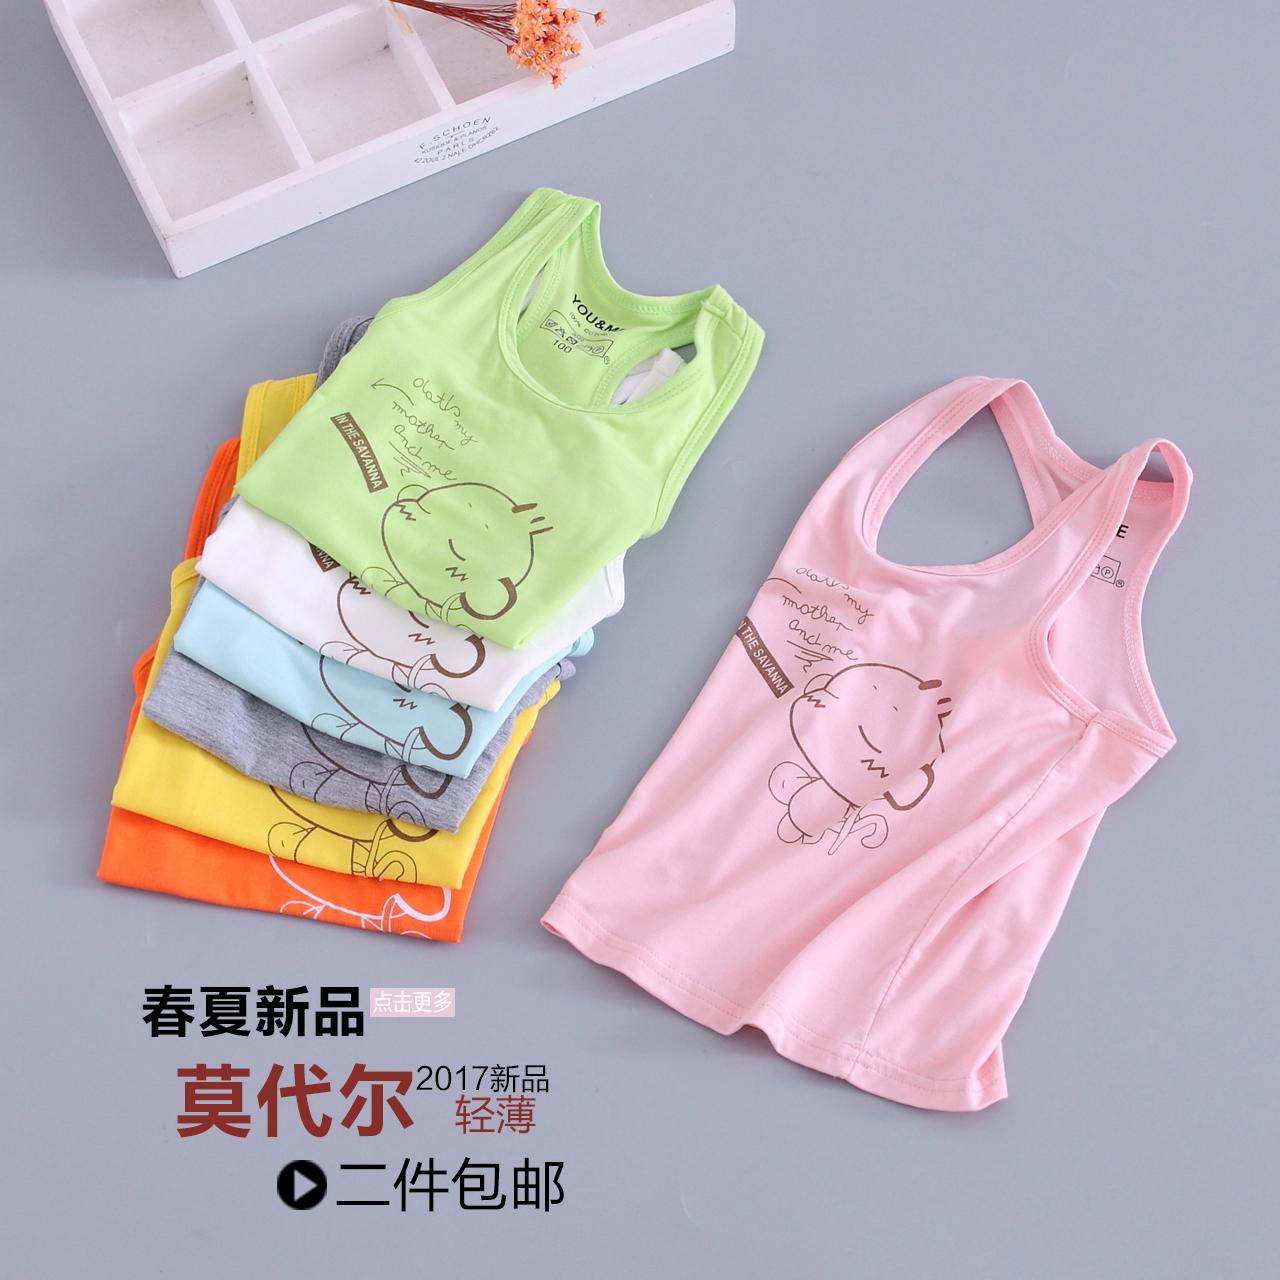 Мальчиков девочки транспорт жилет женщина лето ребенок безрукавный t футболки воздухопроницаемый тонкая модель ребенок 2017 новый человек лето